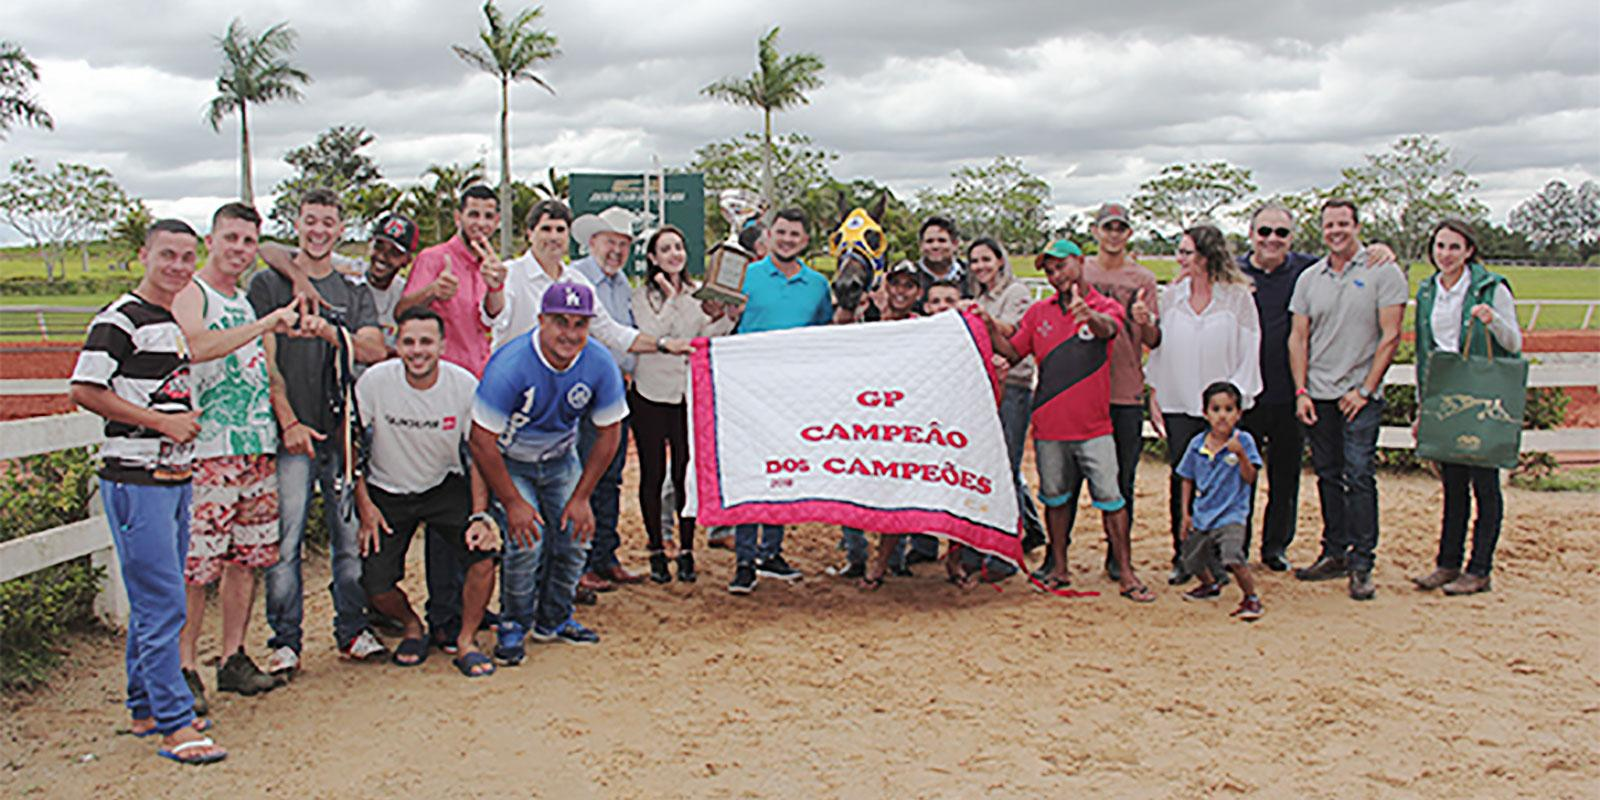 FINAL GP CAMPEÃO DOS CAMPEÕES - 2018 - 365 METROS